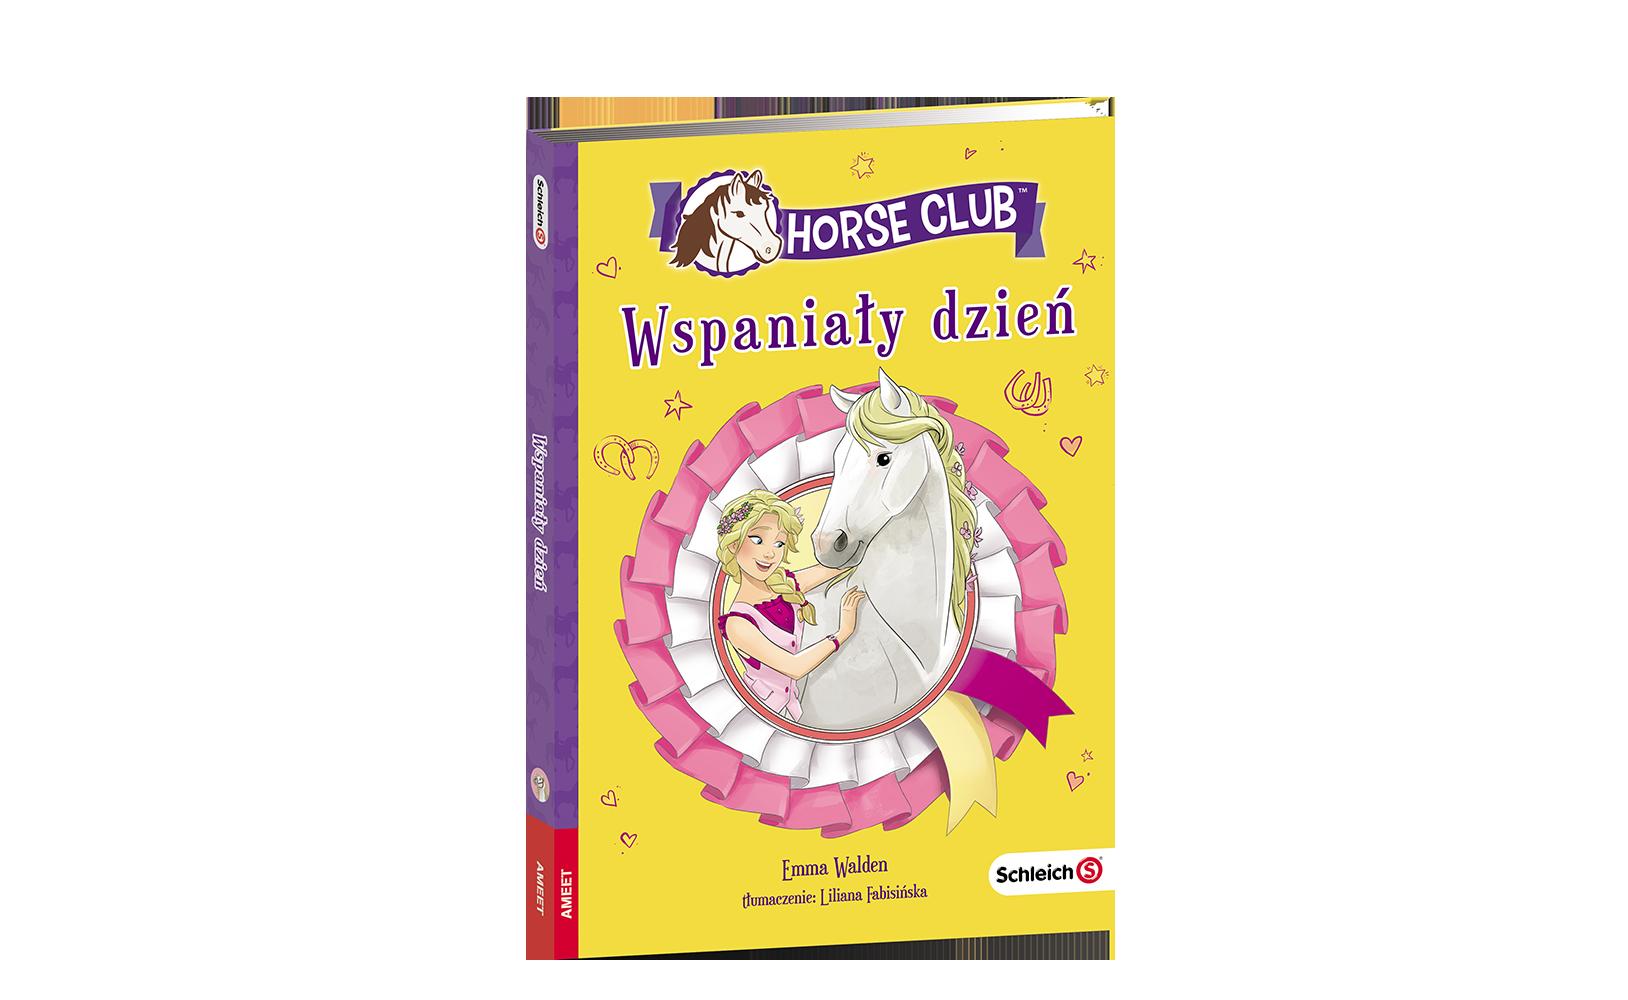 Horse Club. Wspaniały dzień